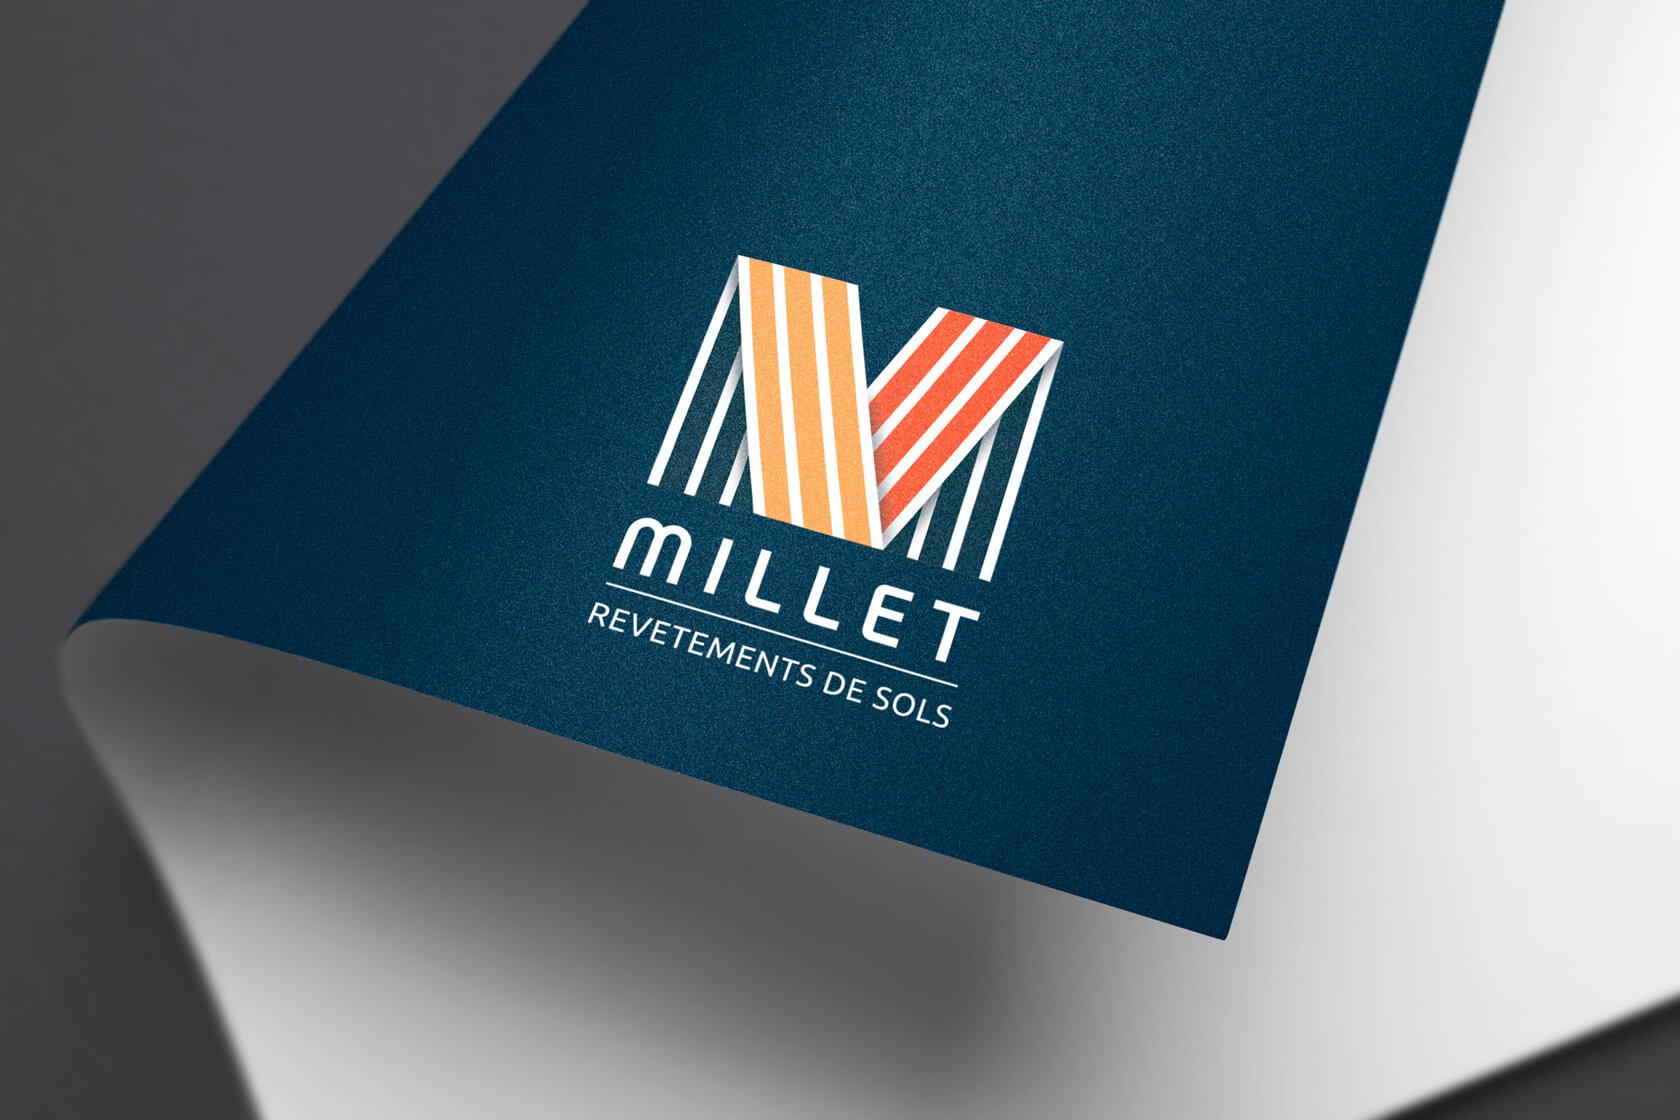 création logo millet revêtements de sols